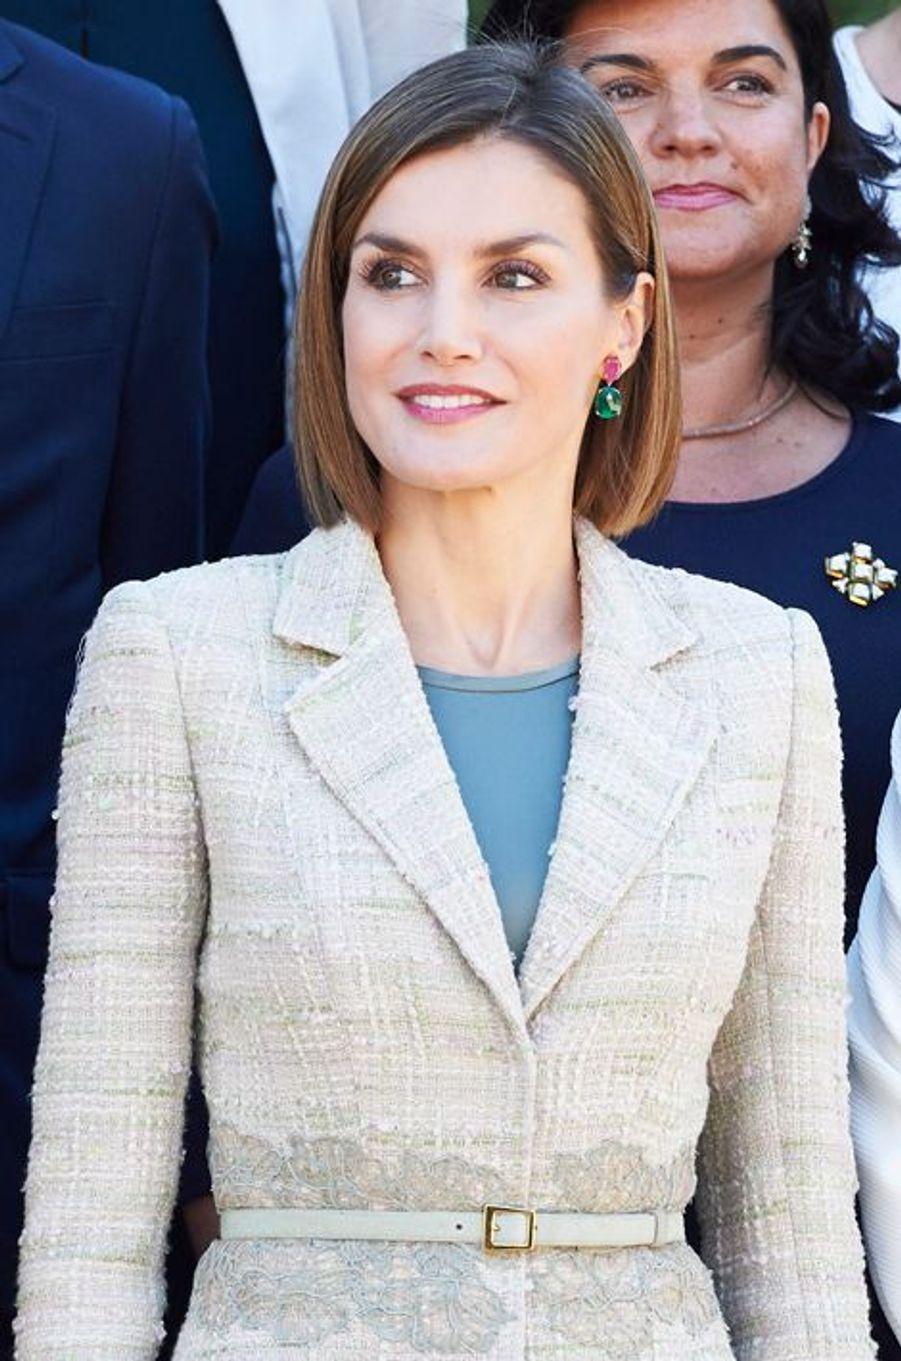 La reine Letizia d'Espagne au palais de la Zarzuela à Madrid, le 29 septembre 2015